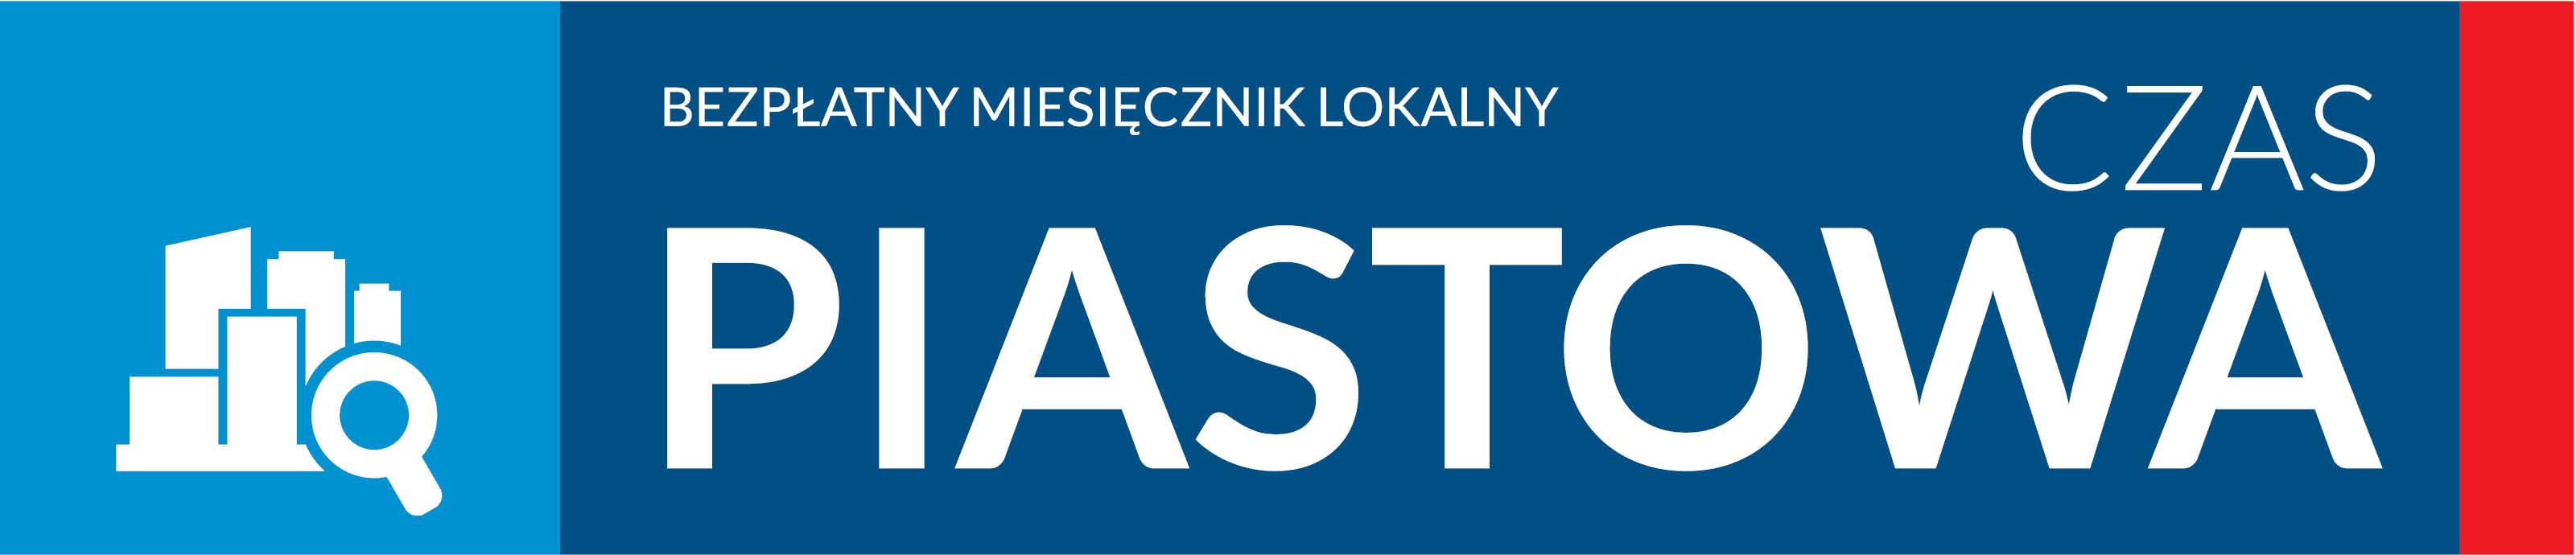 Czas Piastowa